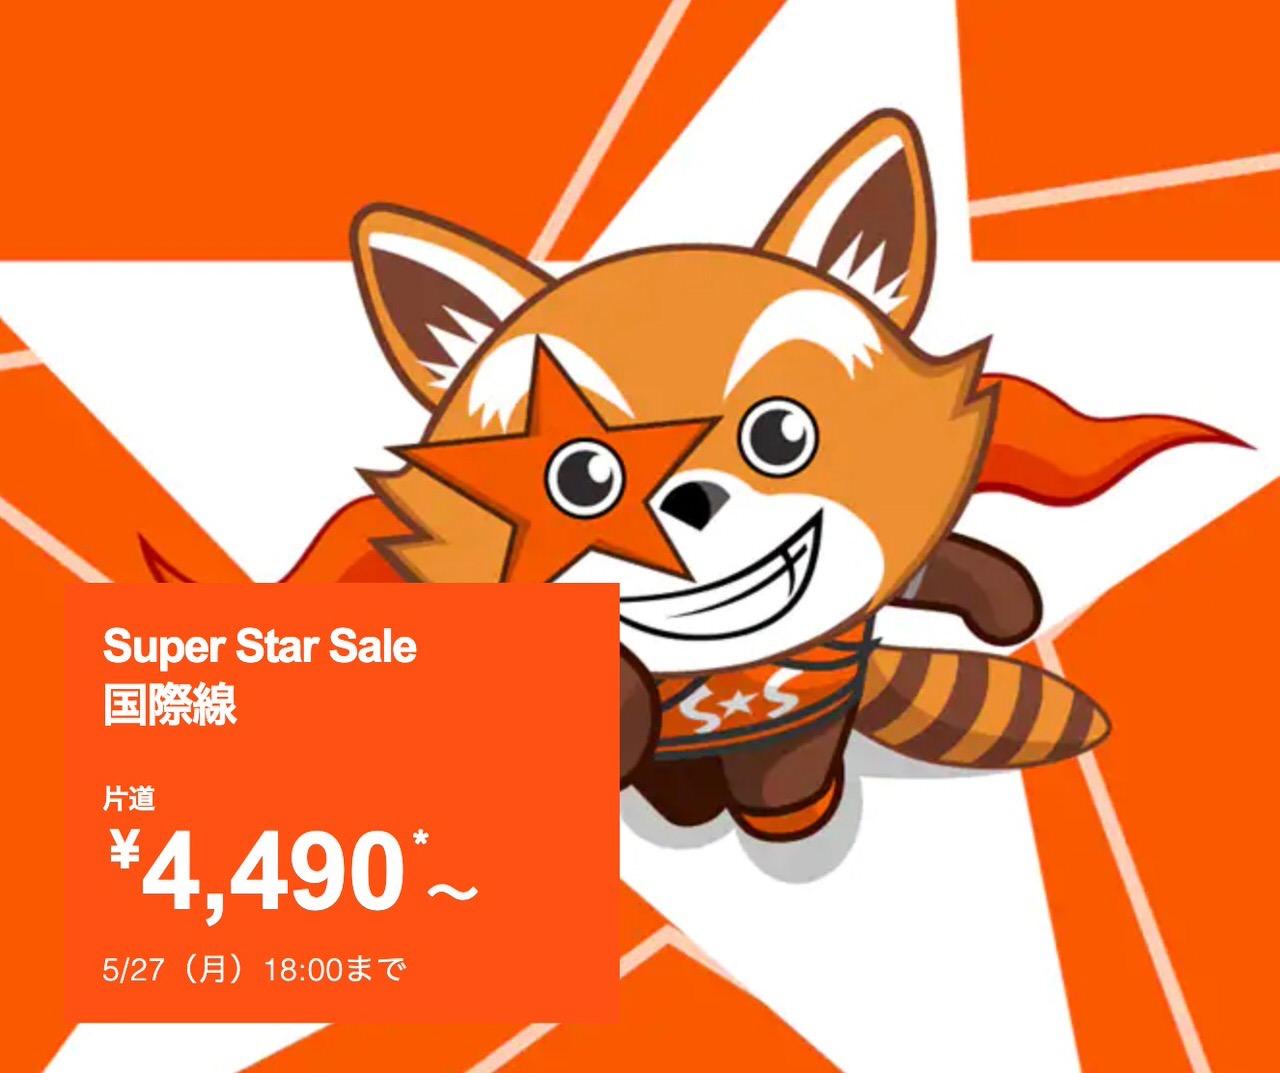 【ジェットスター】国際線が4,490円からの「Supar Star Sale」開催中(5/27まで)